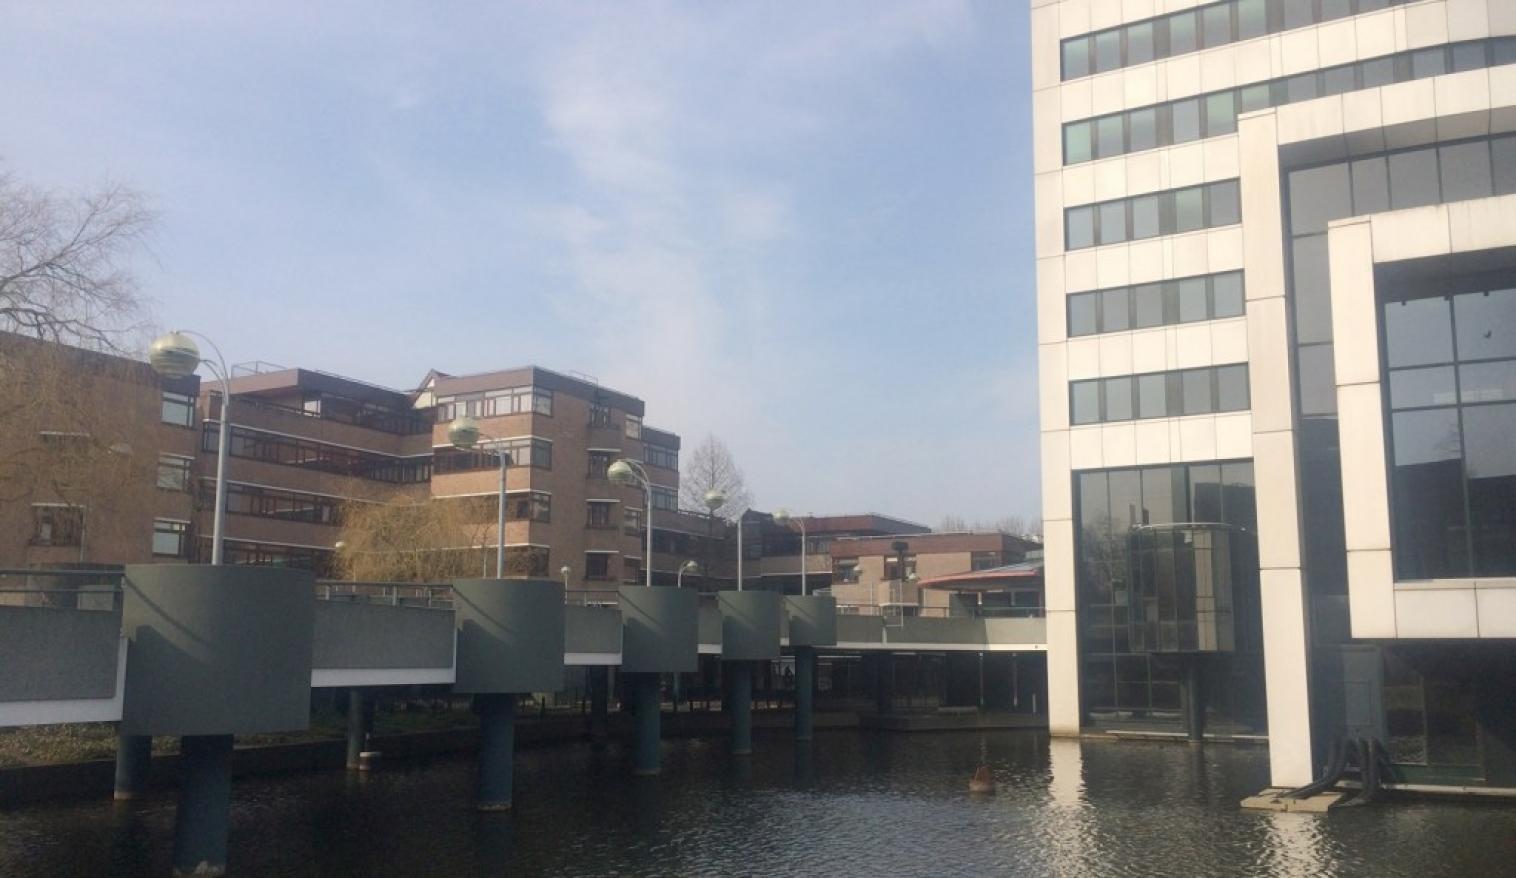 02 OPLarchitecten_Provinciehuis Utrecht 1516×878-72dpi